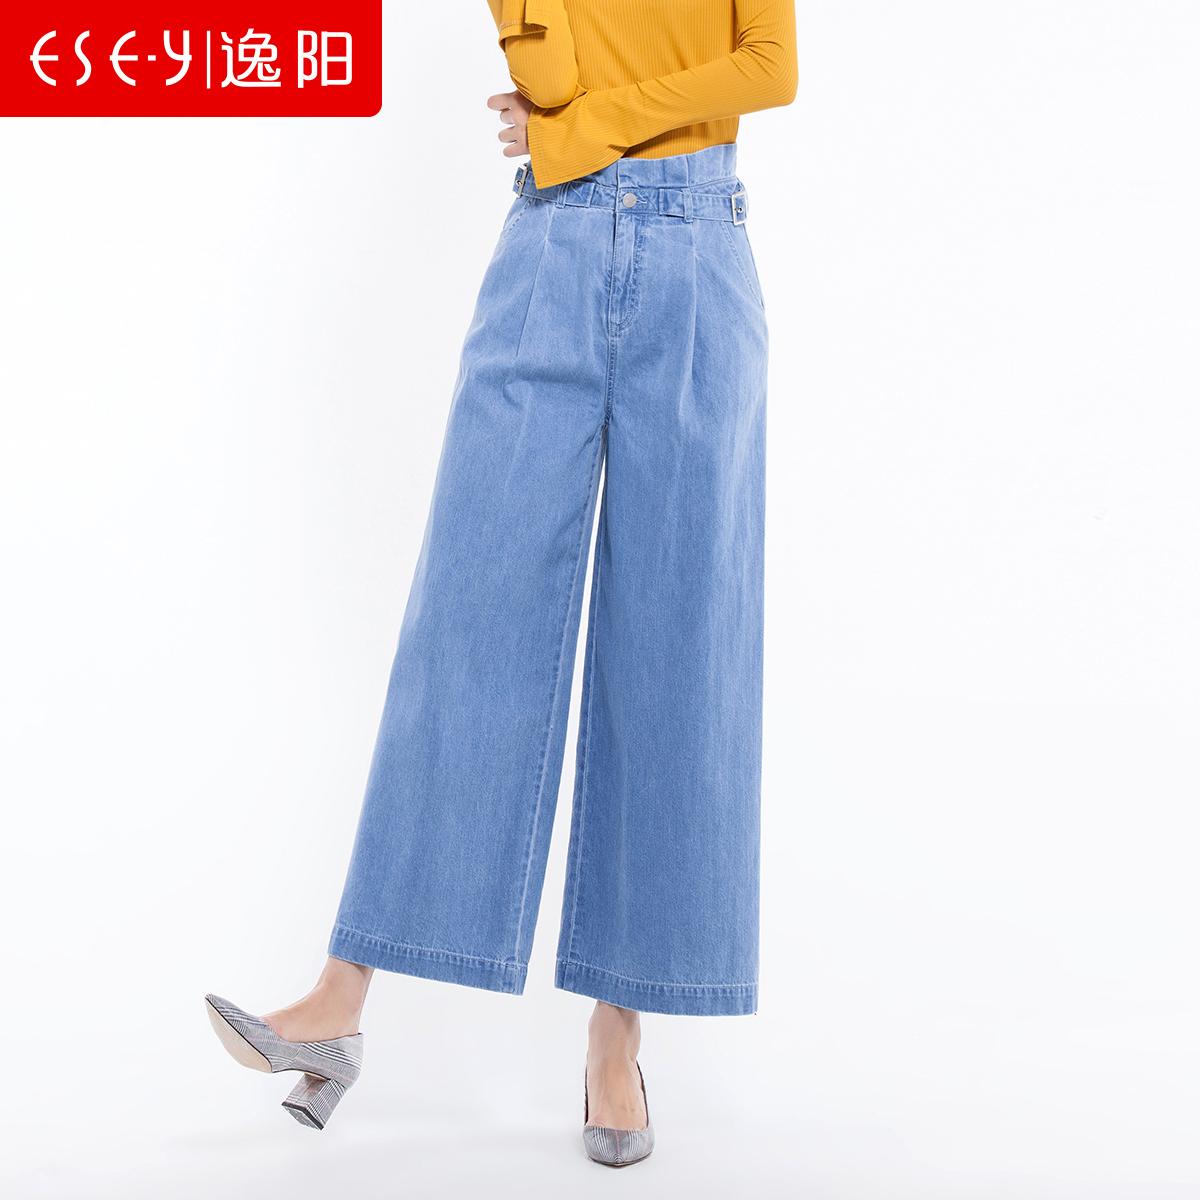 逸阳女裤2018春秋新款宽松高腰牛仔阔腿裤女百搭直筒阔脚长裤0744